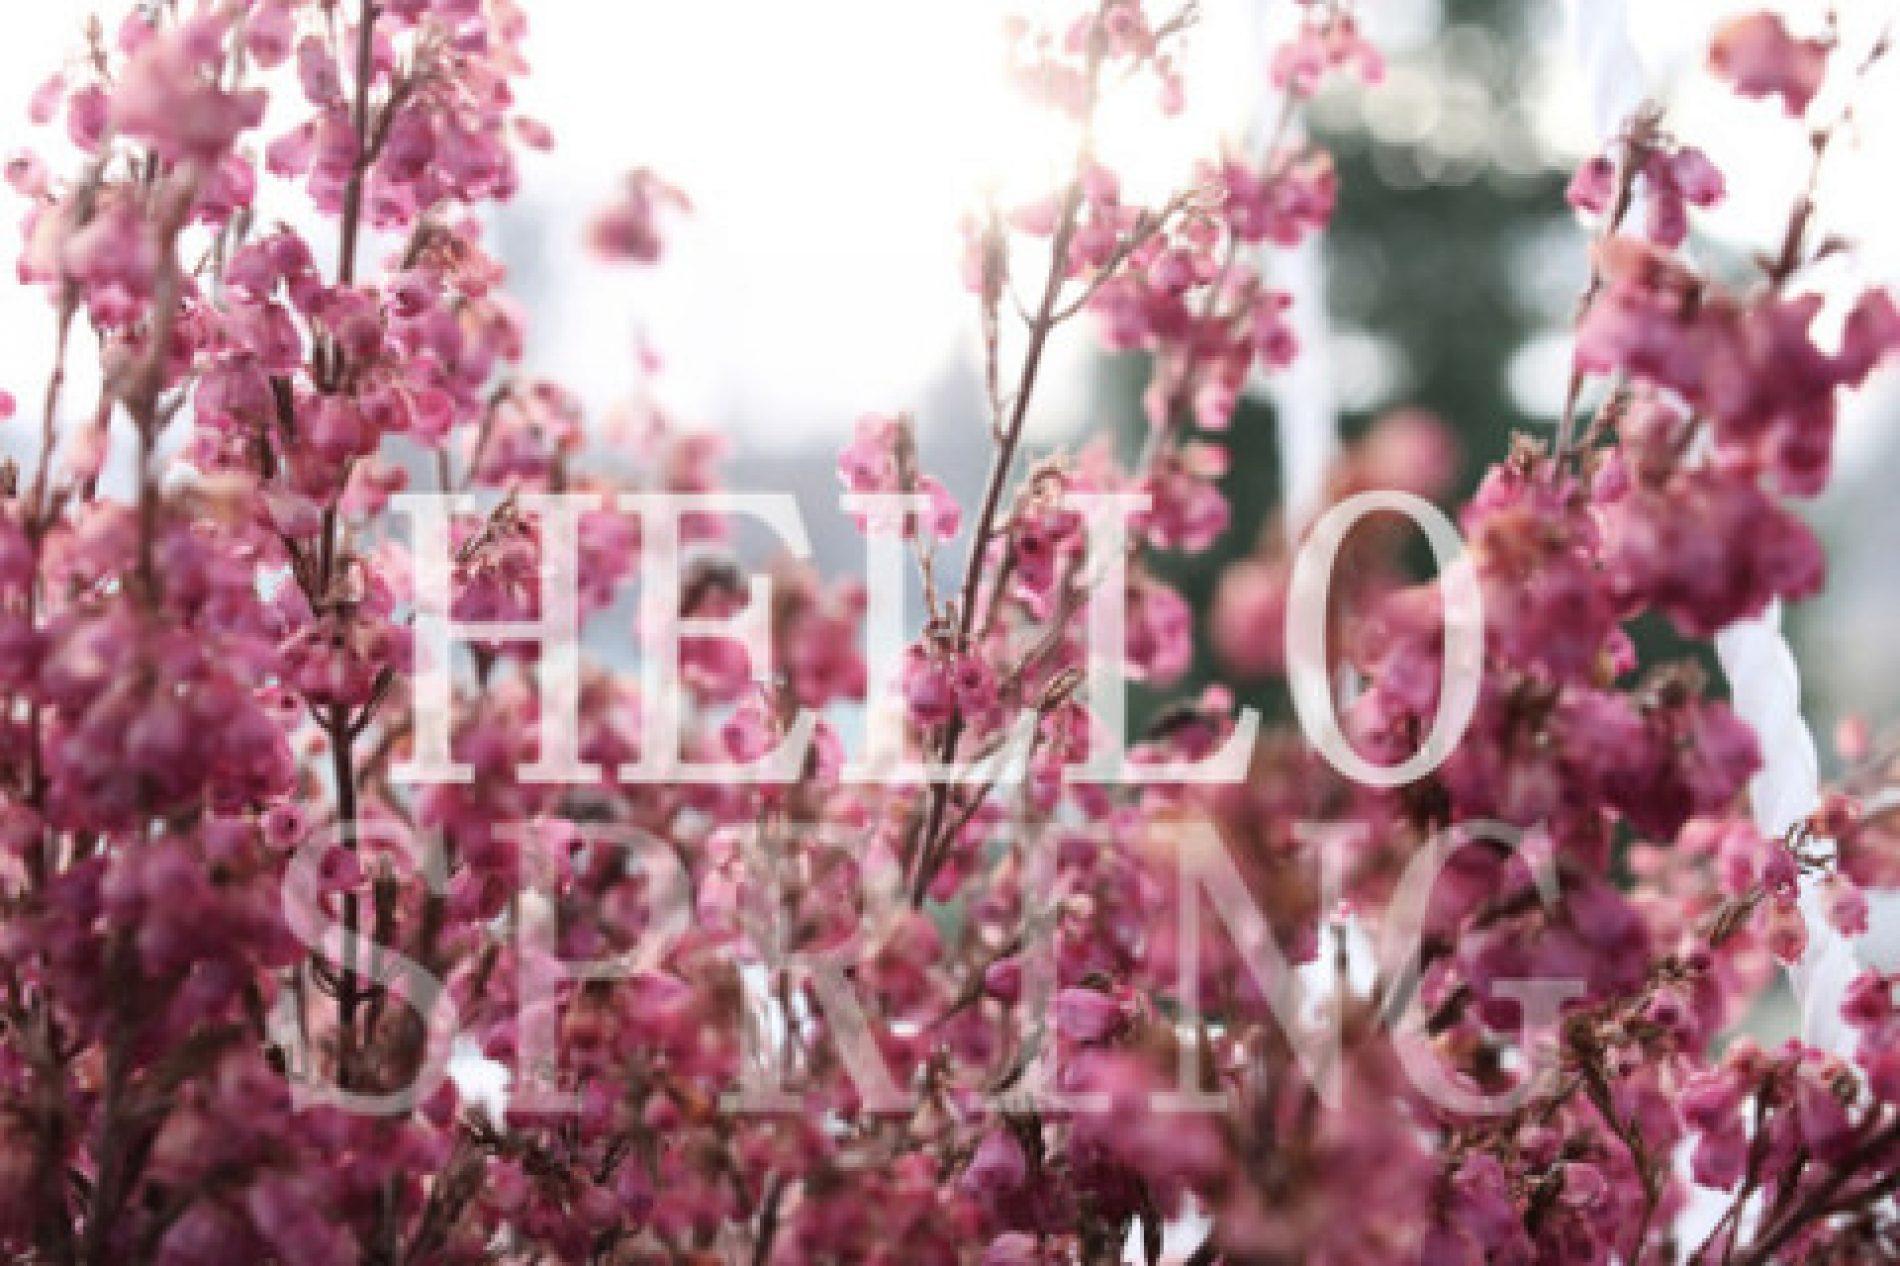 Sot është dita e parë e pranverës